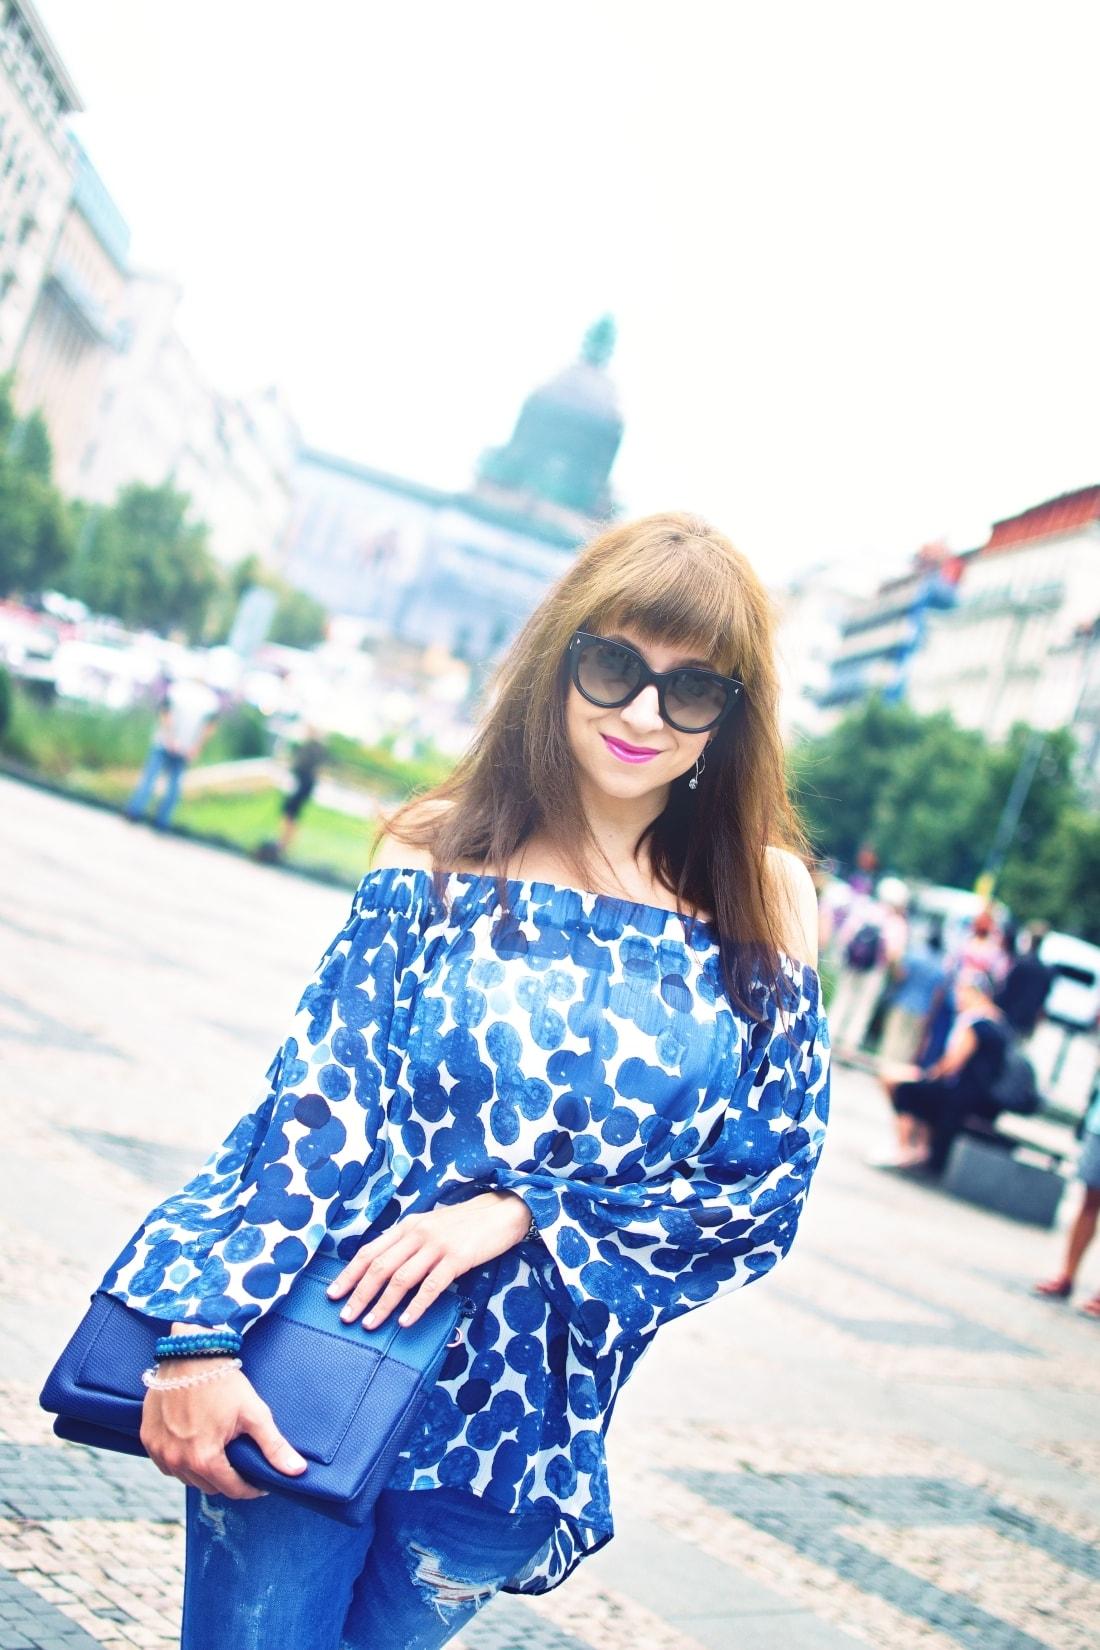 What is your message?_Katharine-fashion is beautiful blog 2_Dots_Bodkovaný top_Strapce_Džínsy zo Zary_Parfois kabelka_Katarína Jakubčová_Fashion blogger